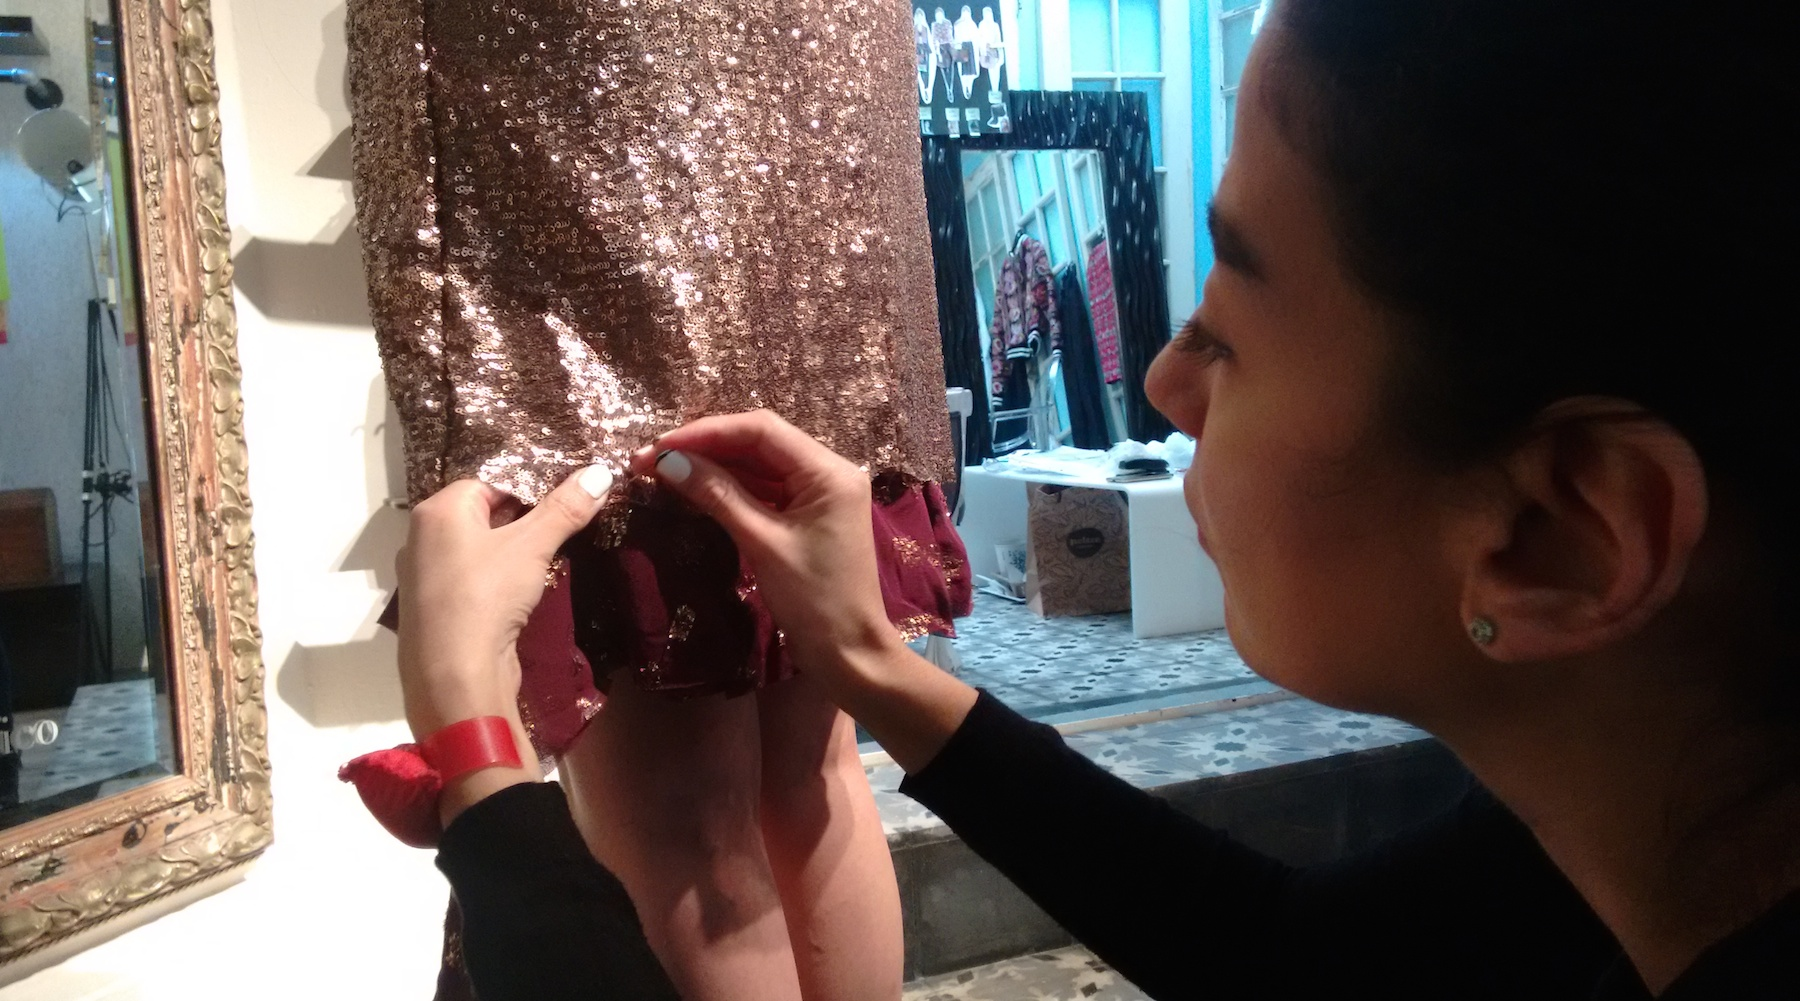 Liza Carrillo Vessel proceso creativo stitching alto diseño